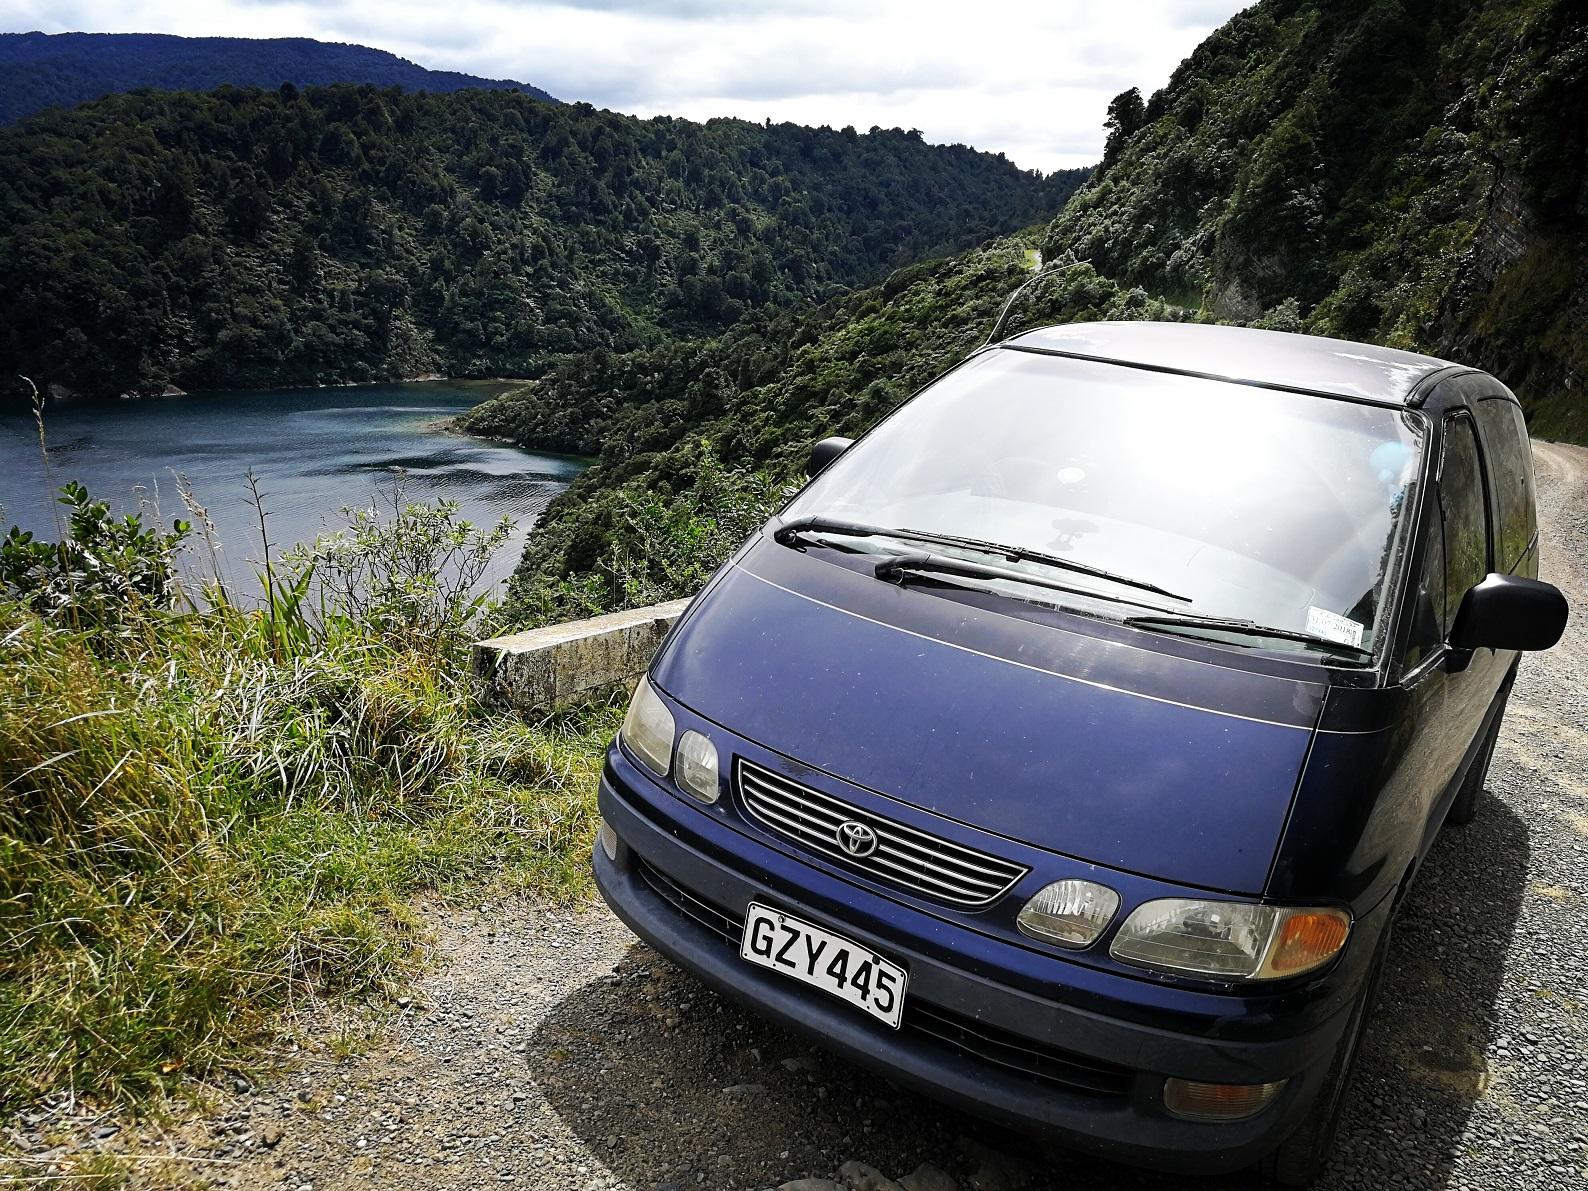 Cestovatelská kuchařka díl 19. - Datlové kuličky na cestu po Novém Zélandě